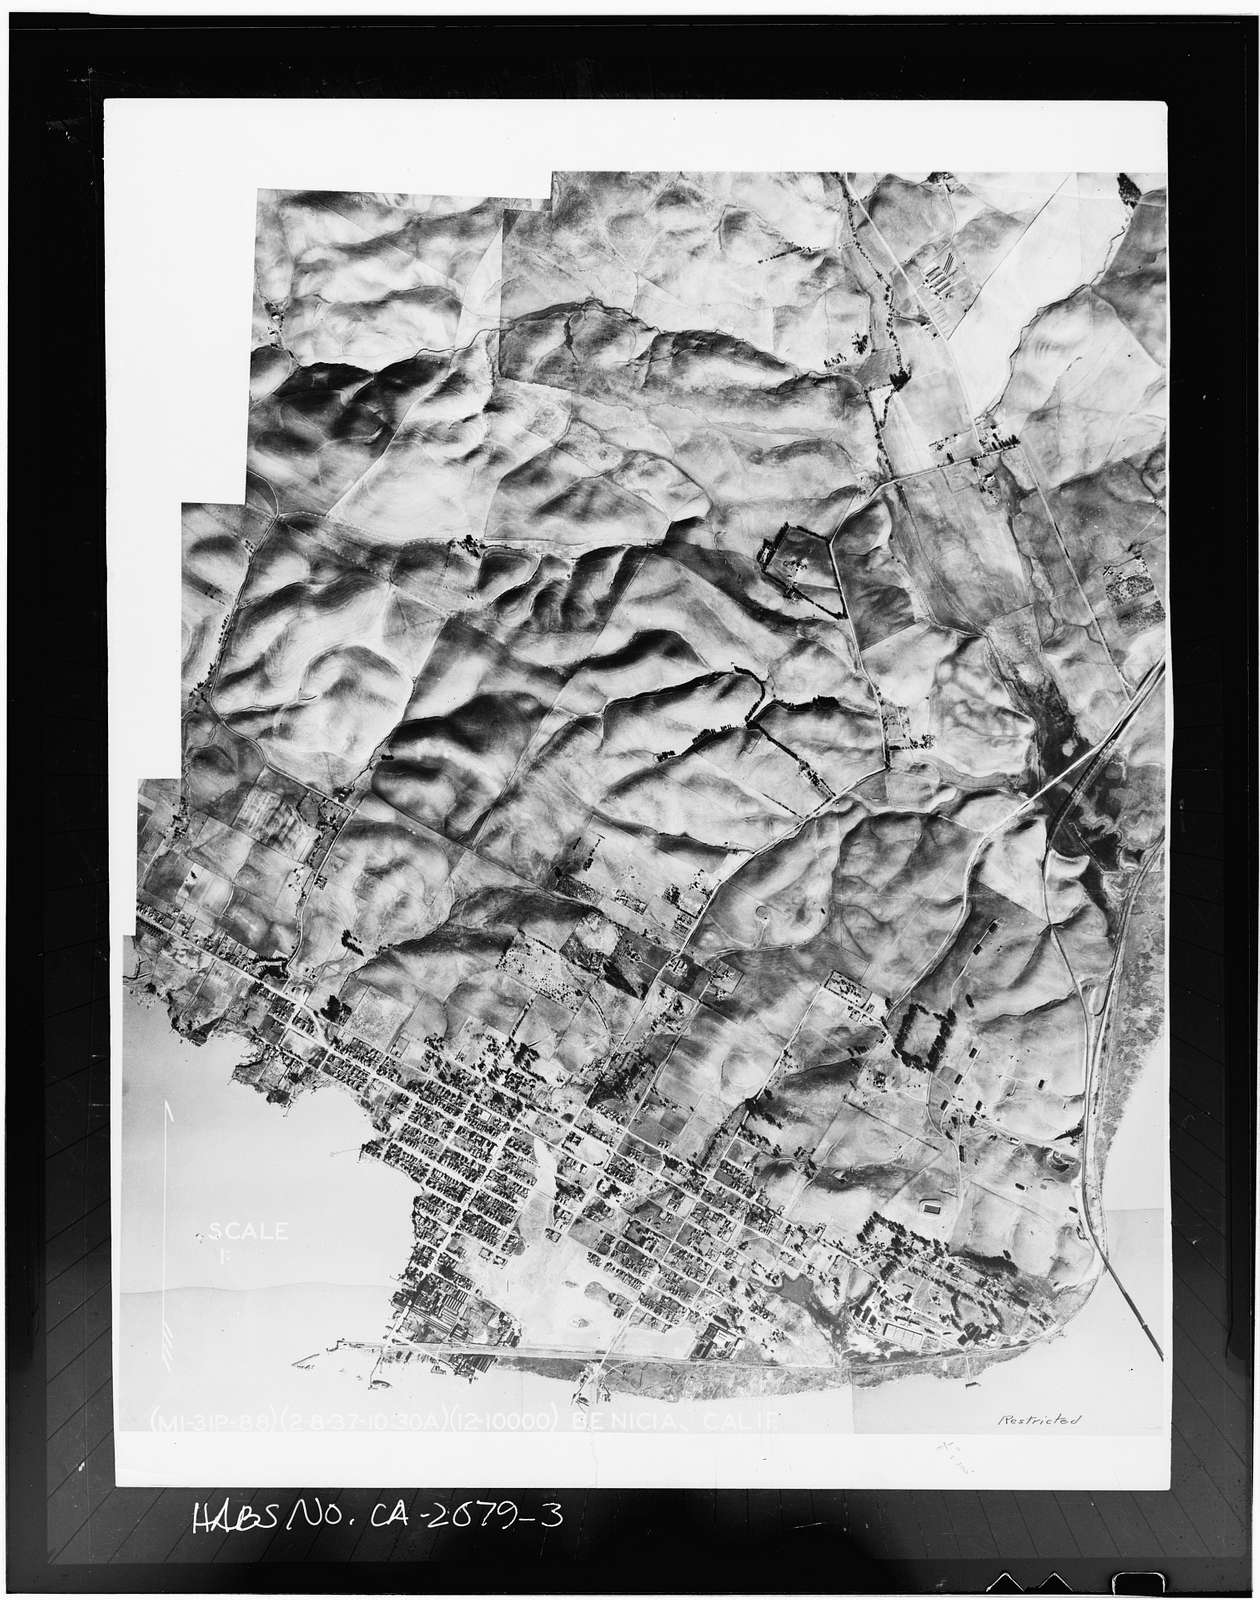 City of Benicia, General Views, Benicia, Solano County, CA